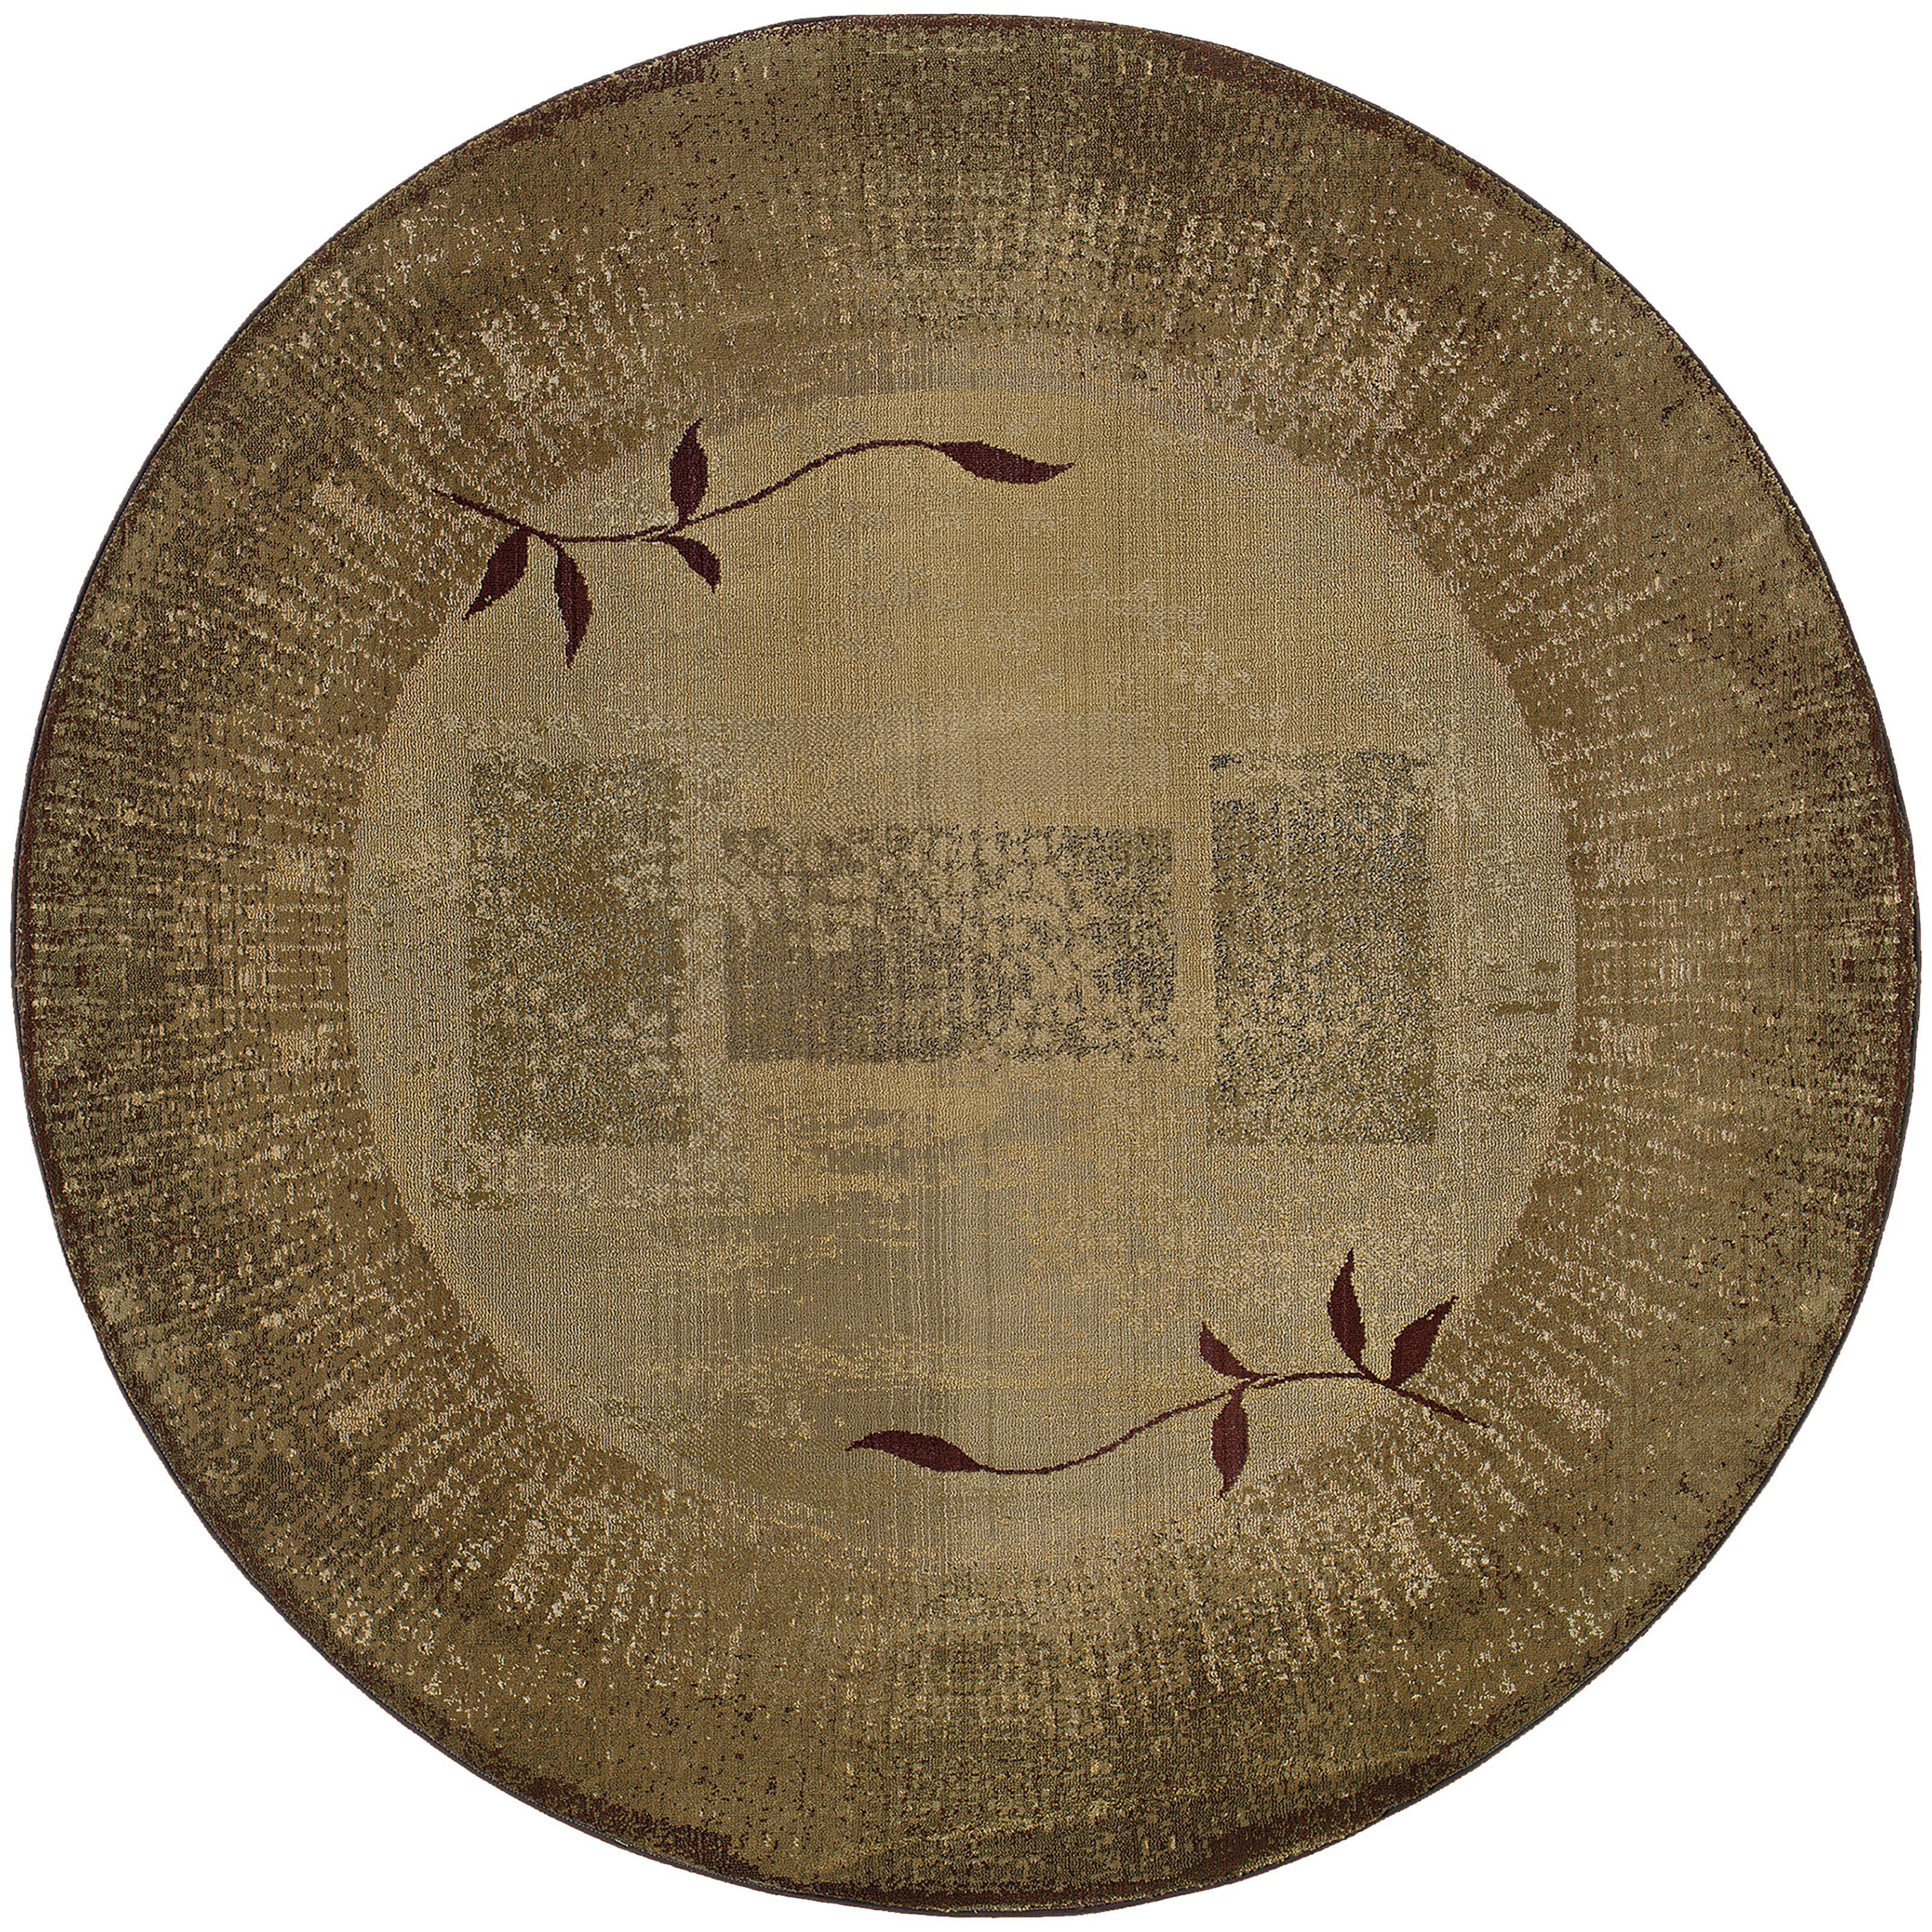 Oriental Weavers Generations 8' Rug - Item Number: G544G1240240ST